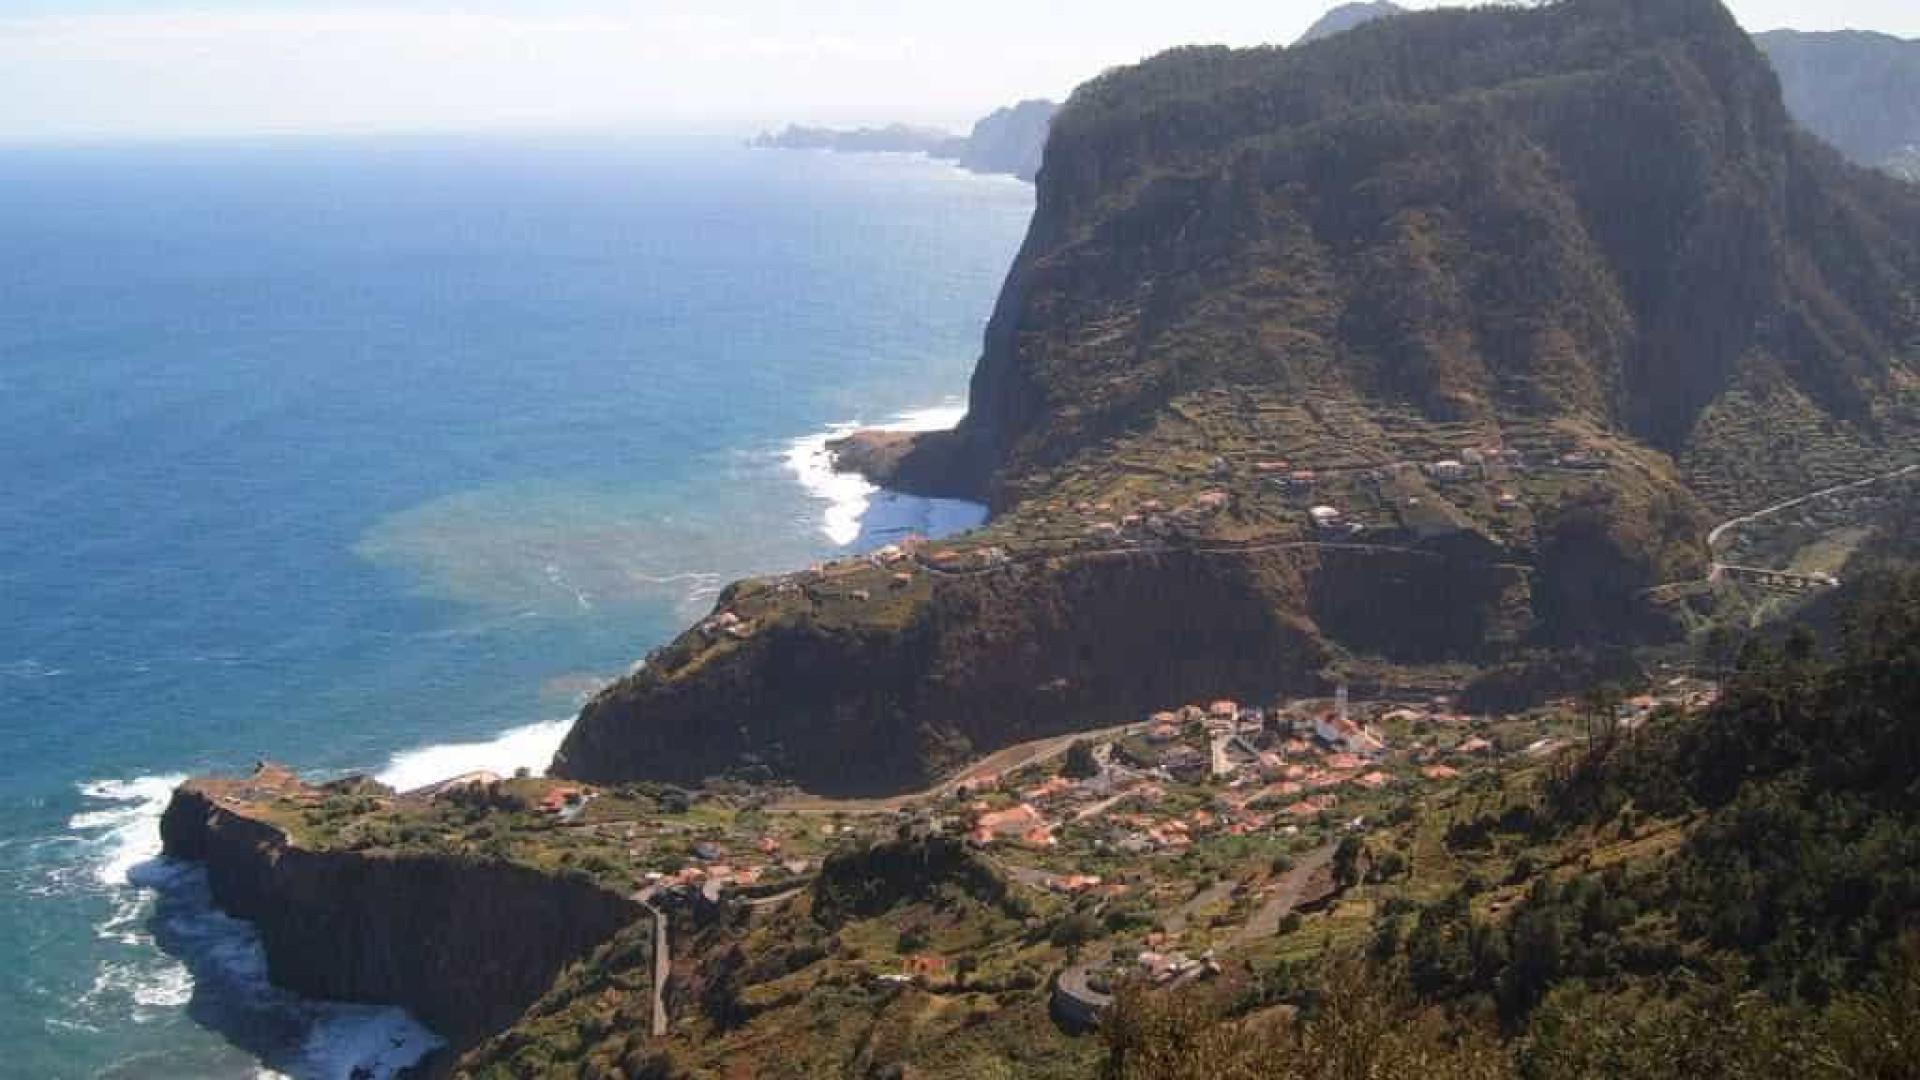 Septuagenário morre ao cair de 200 metros na Fajã da Murta